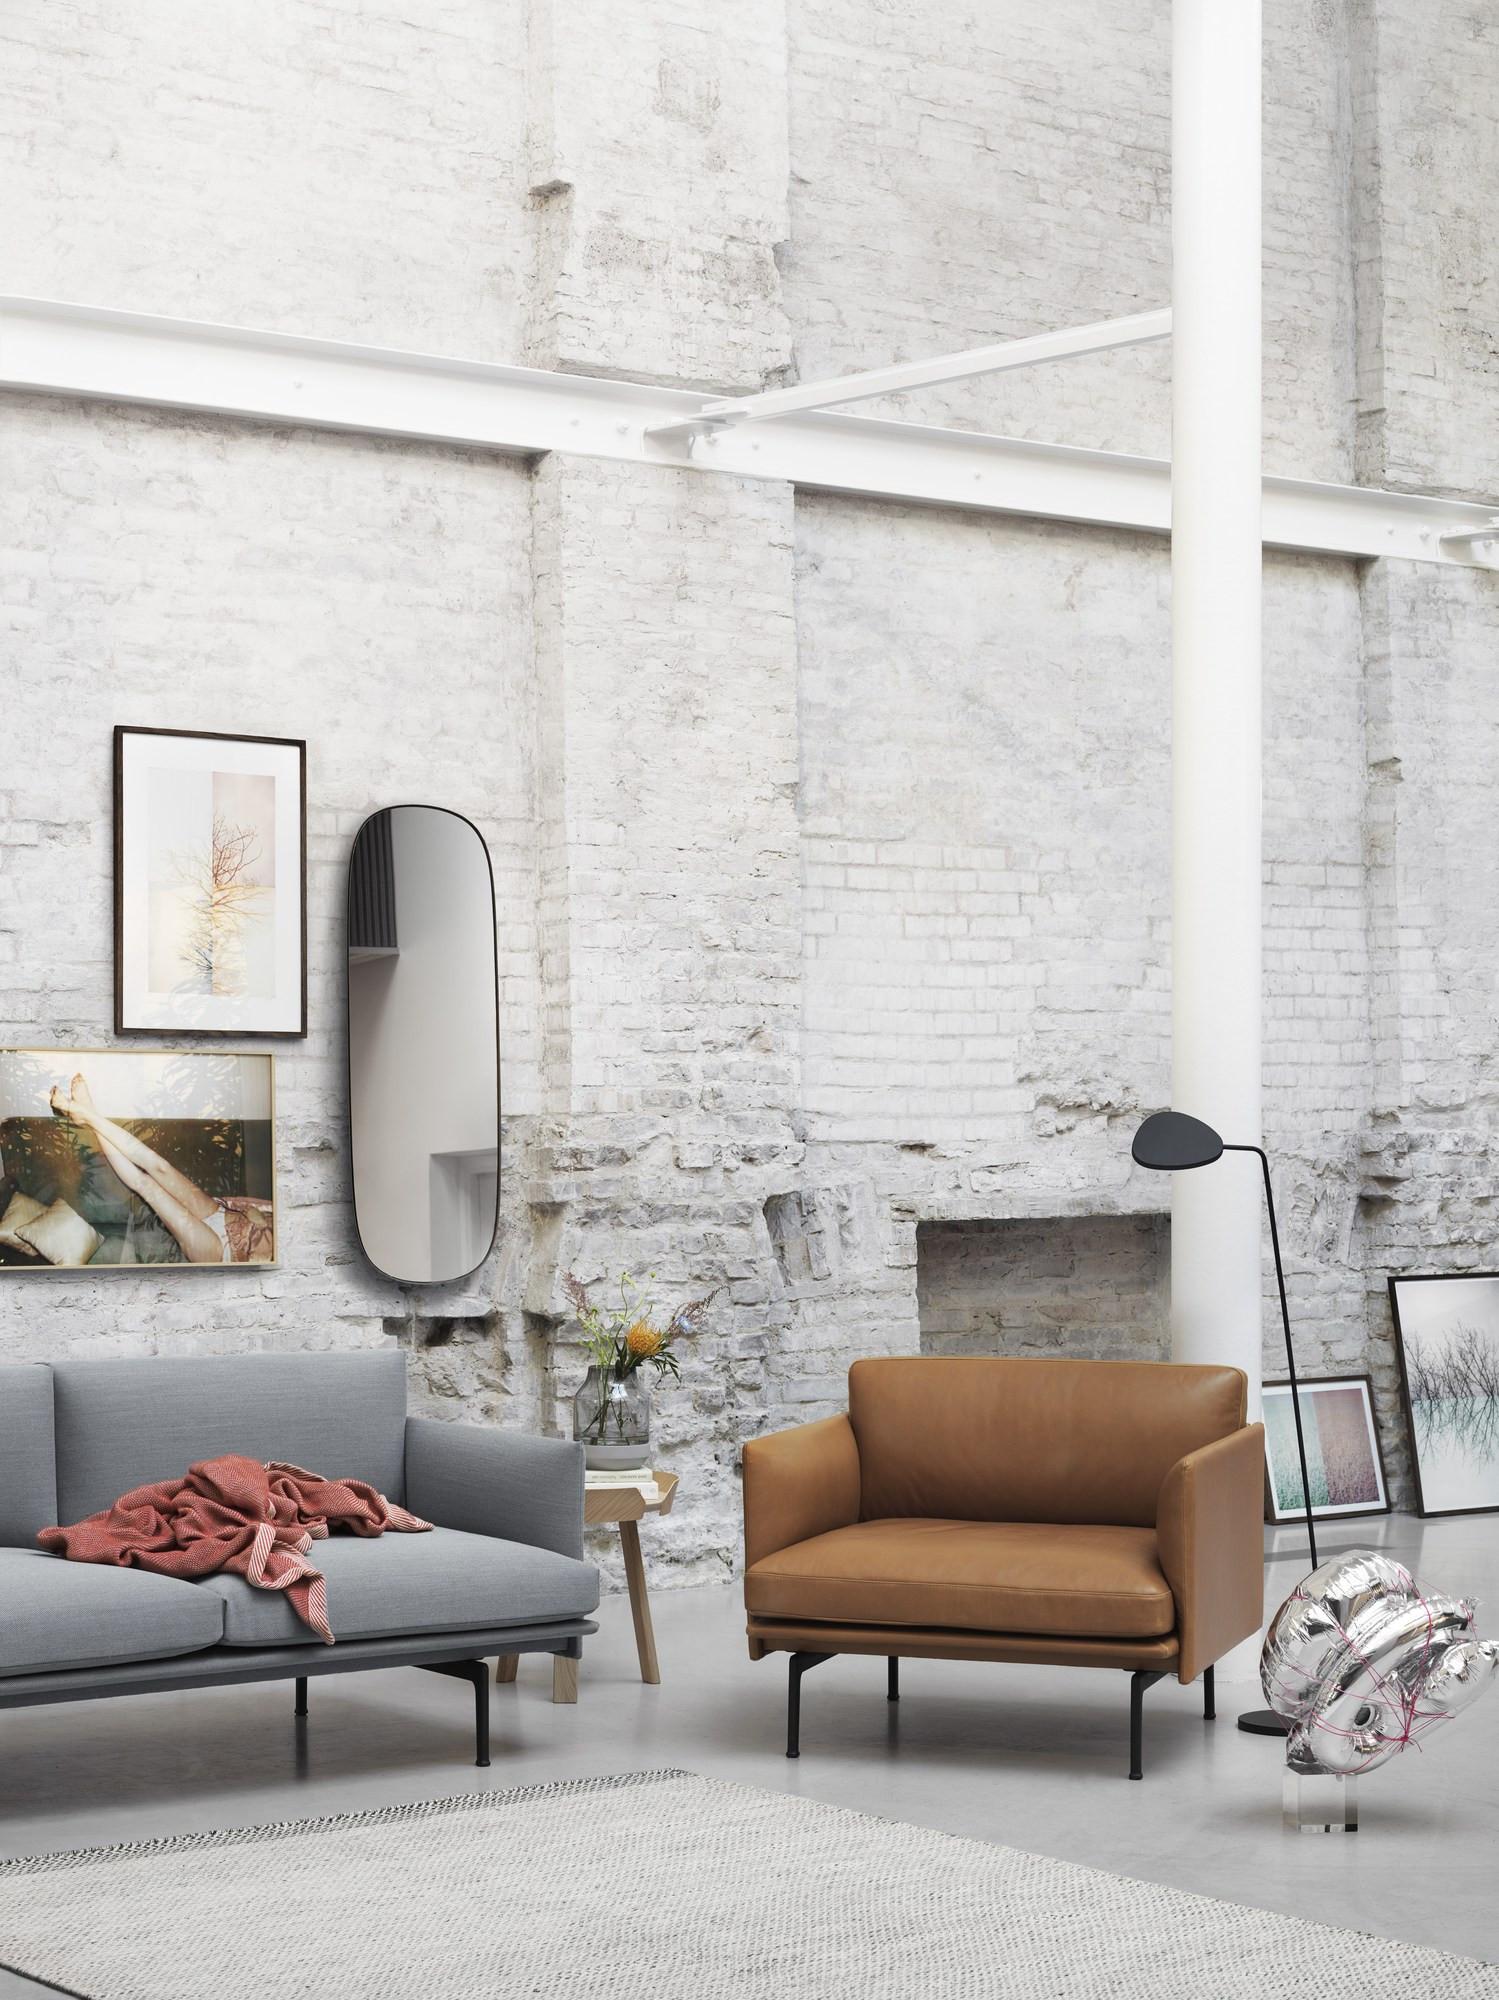 Full Size of Muuto Airy Sofabord Large Workshop Connect Sofa Uk Oslo Compose Review Outline 2 Sitzer Einrichten Designde Xxl Grau Dreisitzer Dauerschläfer Günstiges Big Sofa Muuto Sofa